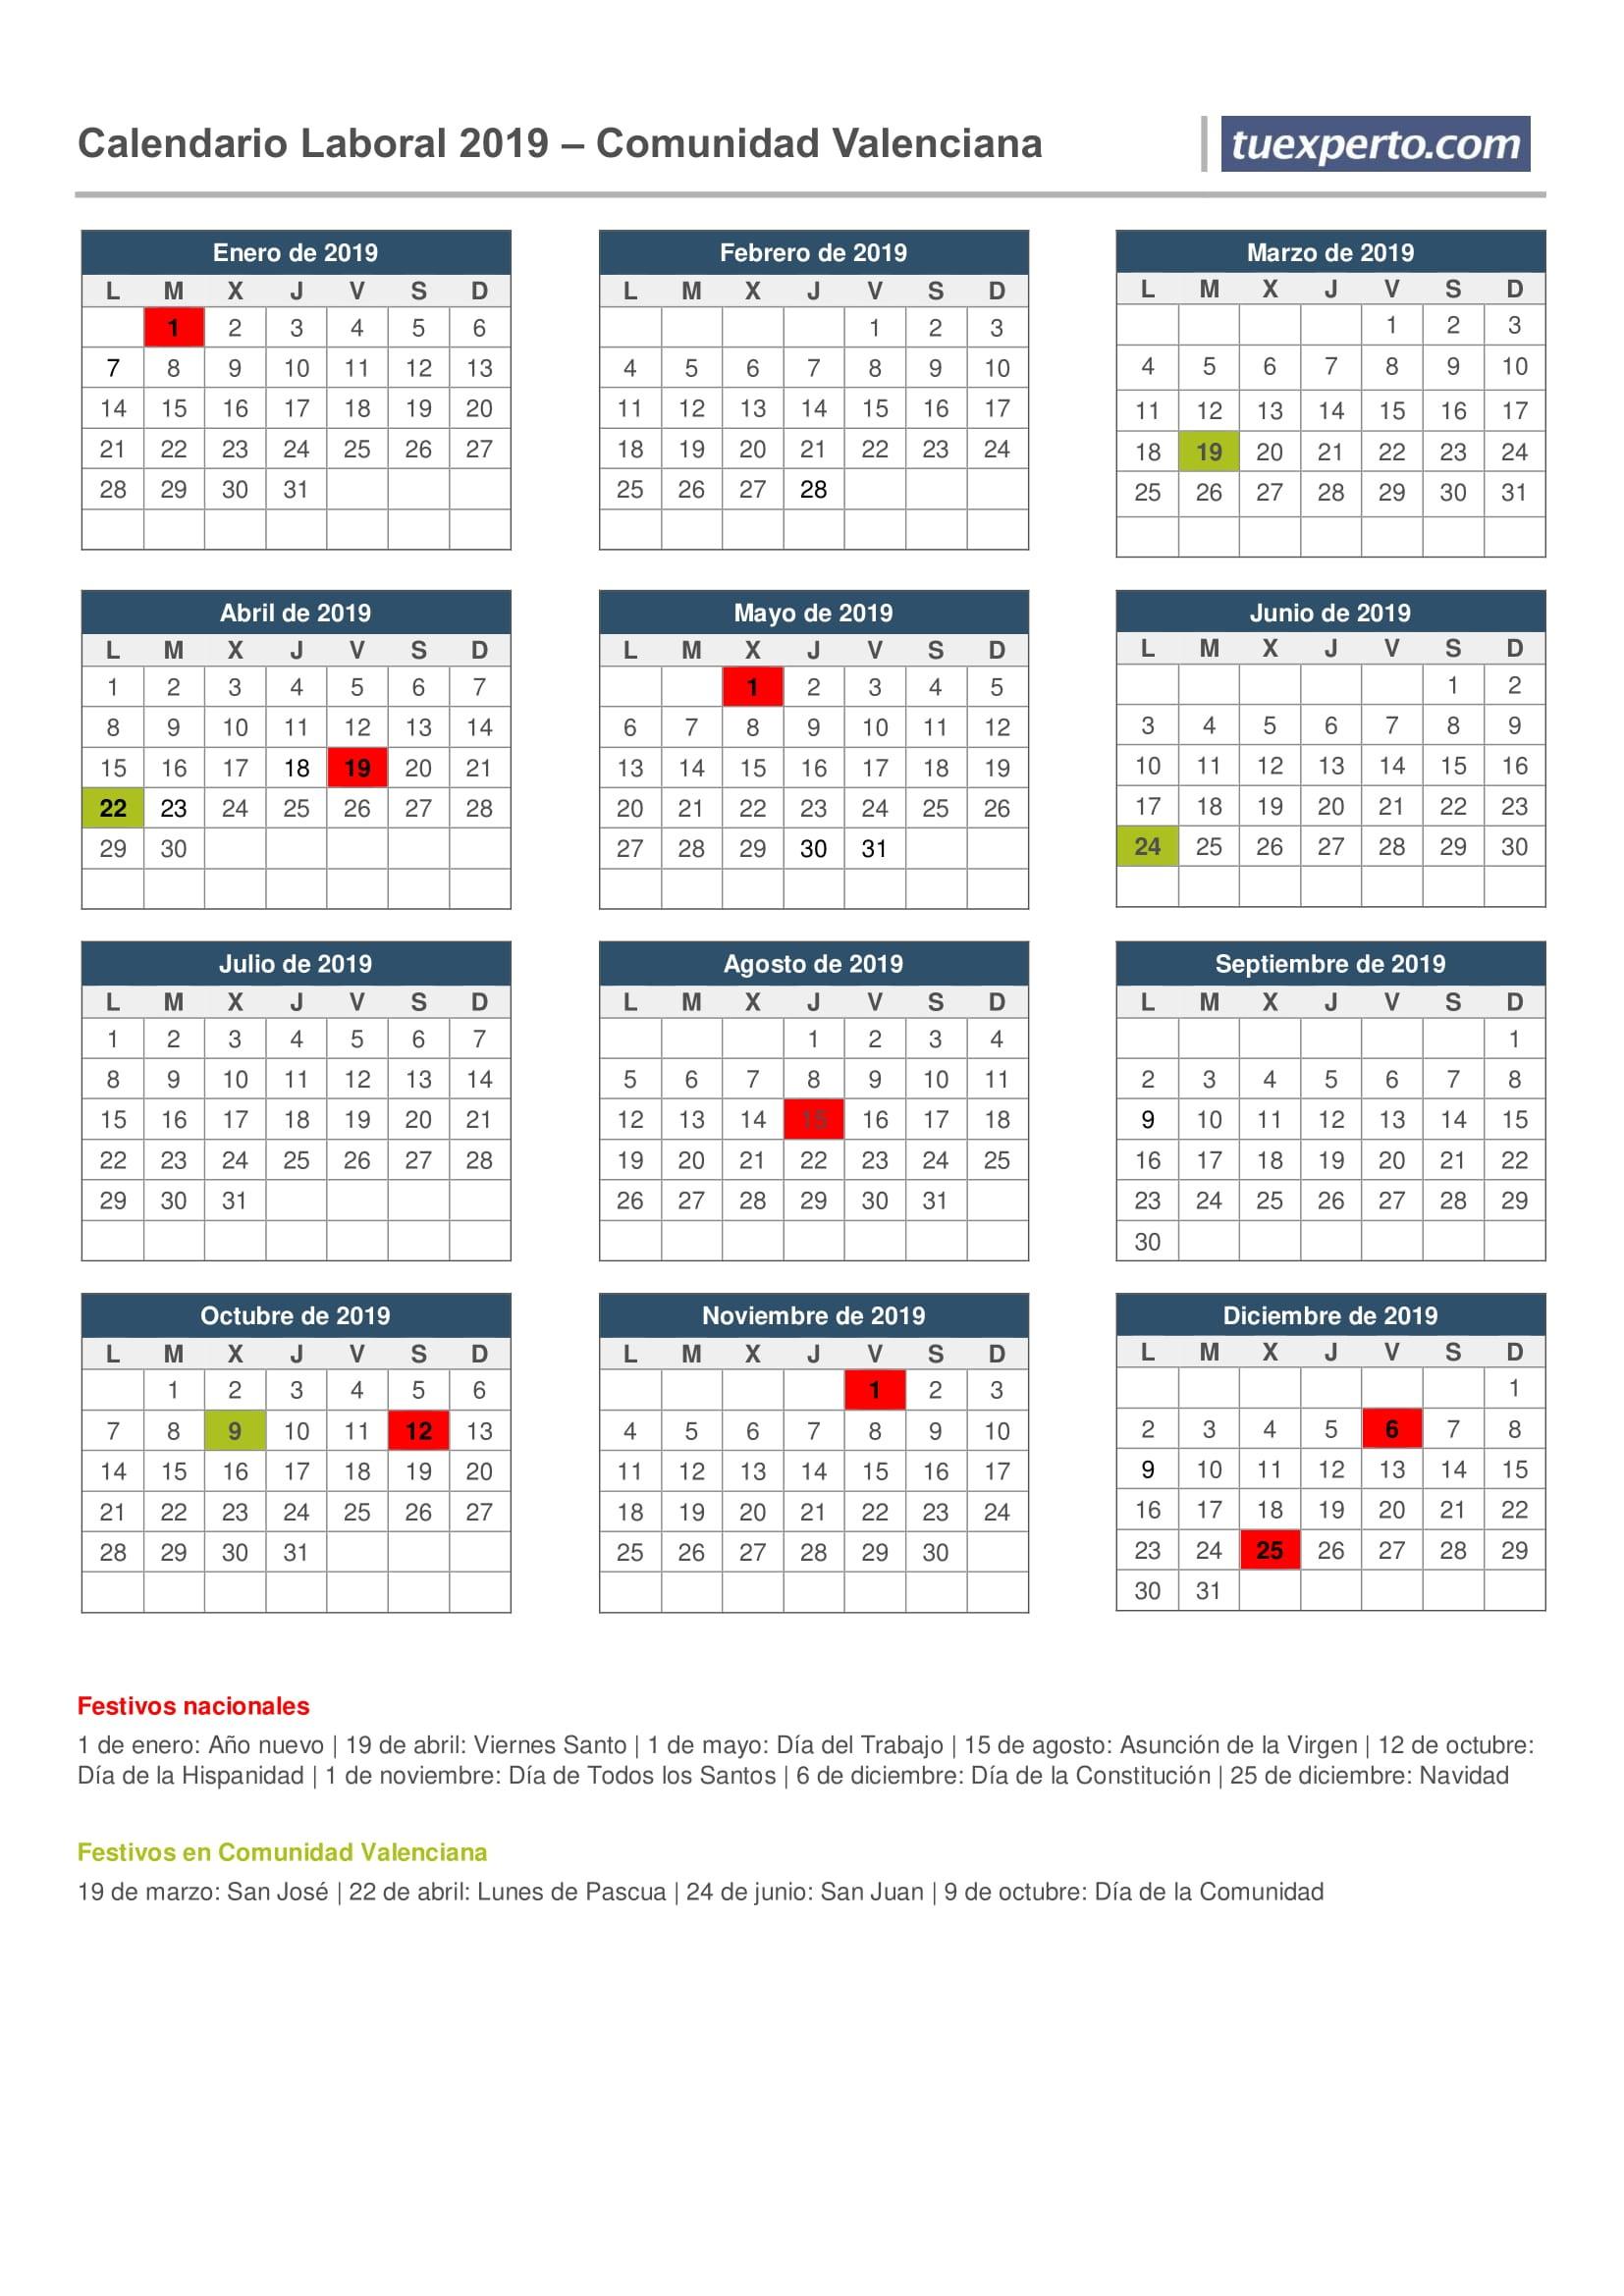 Calendario 2019 Semana Santa Colombia Más Recientemente Liberado Lunes De Pascua 2019 Seonegativo Of Calendario 2019 Semana Santa Colombia Más Actual La Iglesia Y Medjugorje